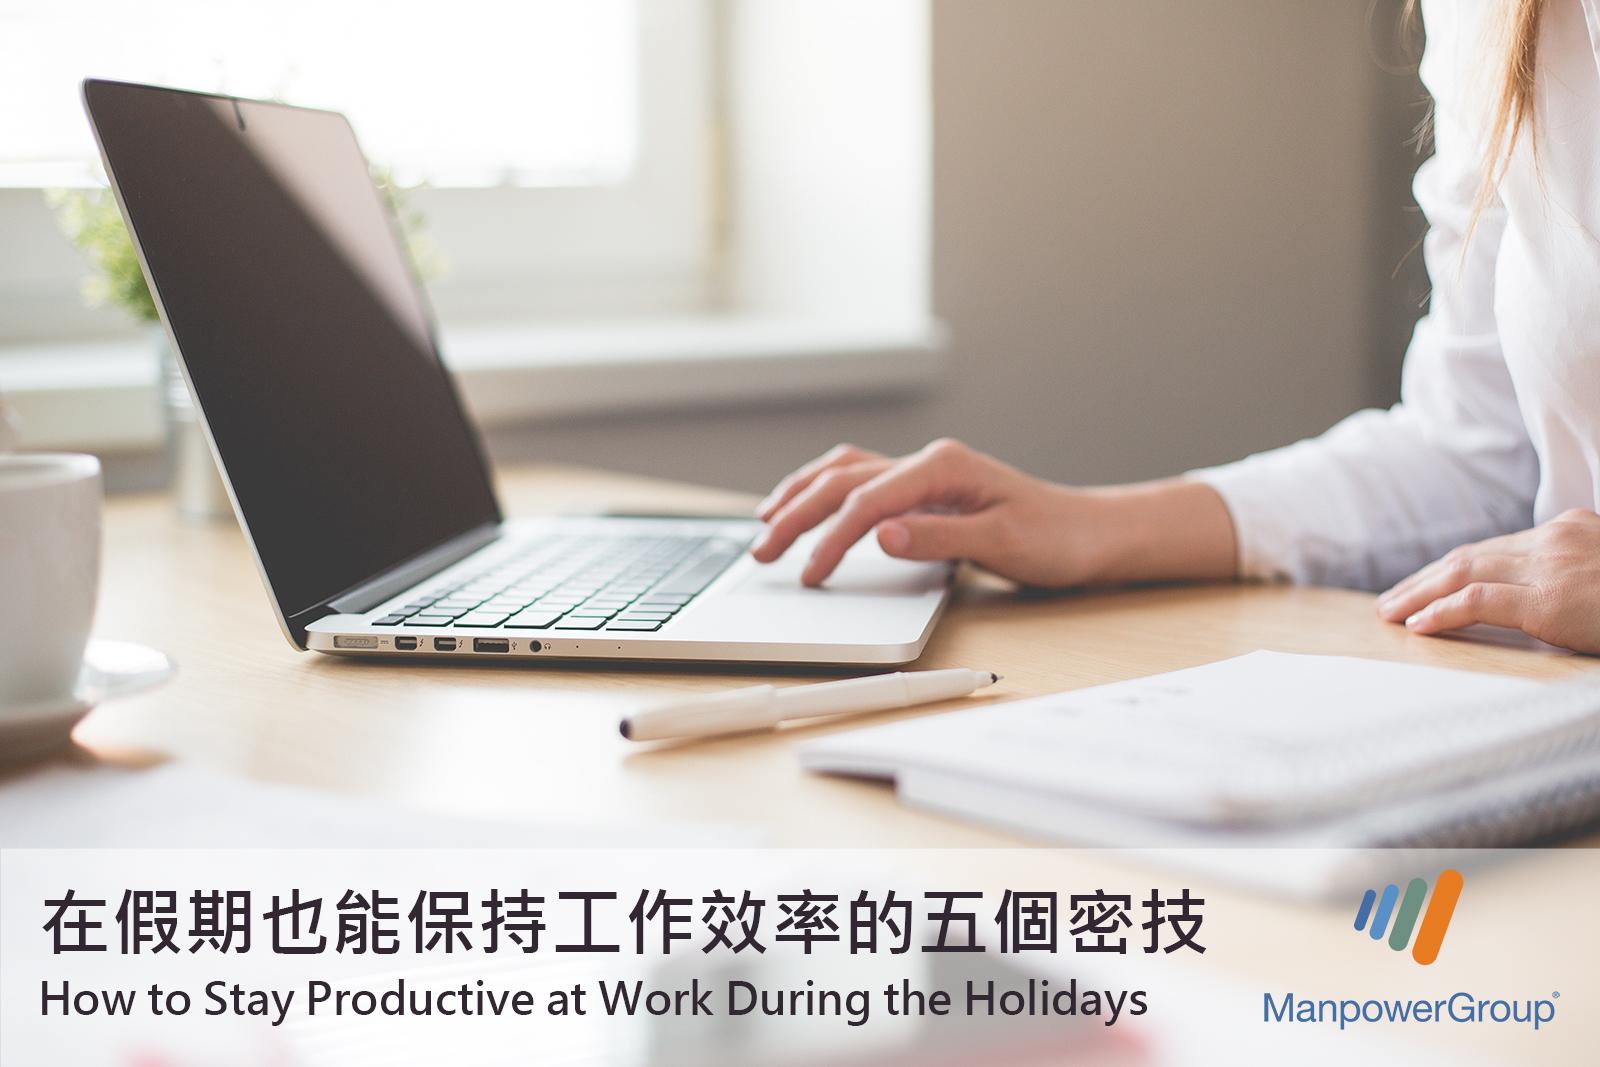 在假期也能保持工作效率的五個密技